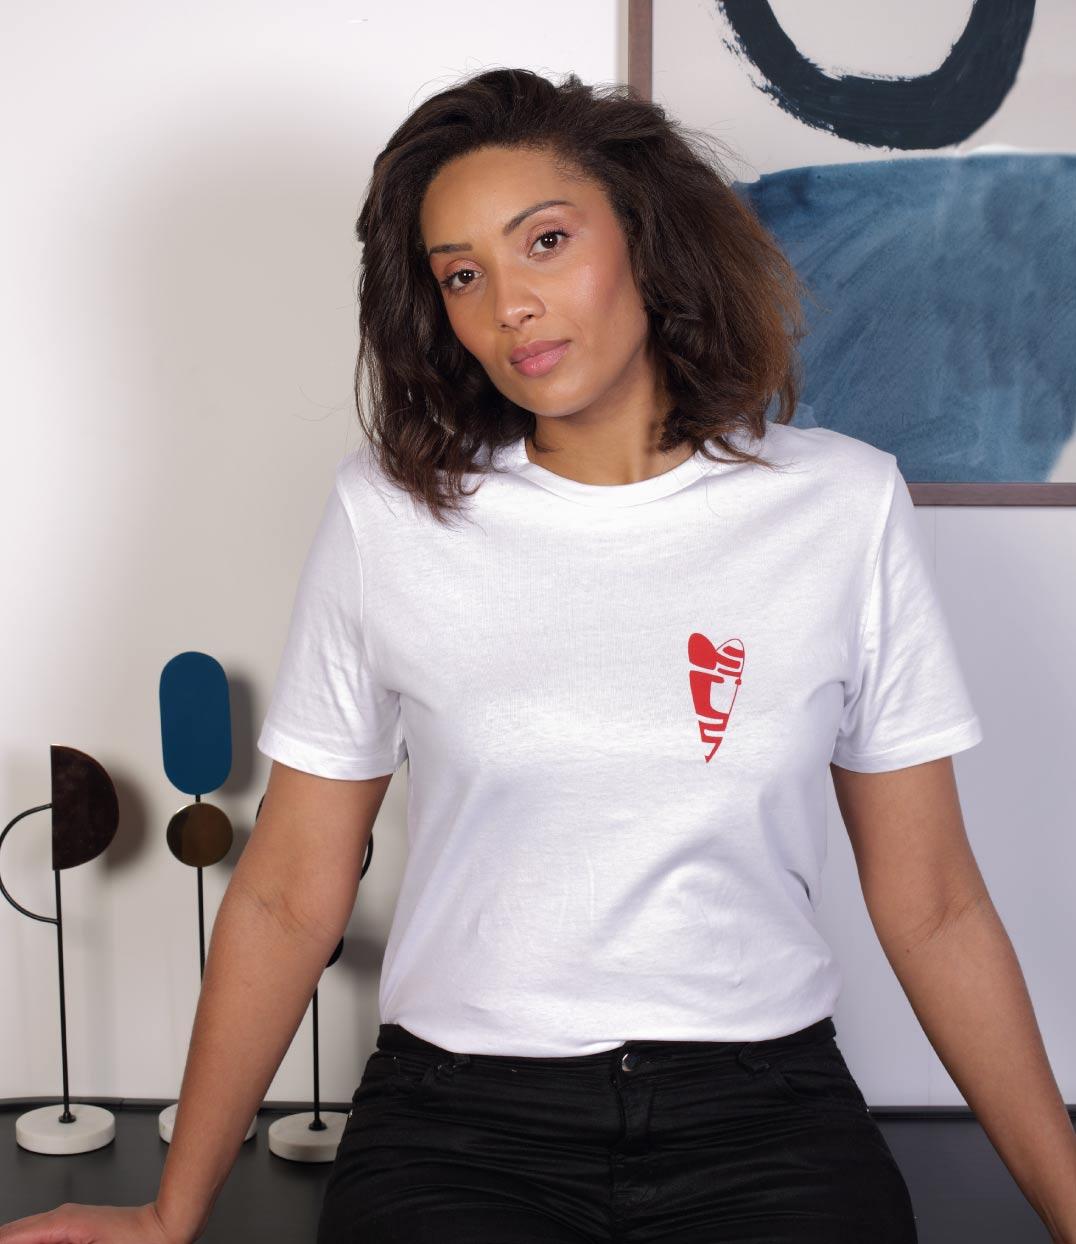 Une femme brune regarde devant elle. Elle porte un tshirt blanc abracito coupe unisexe leonor roversi